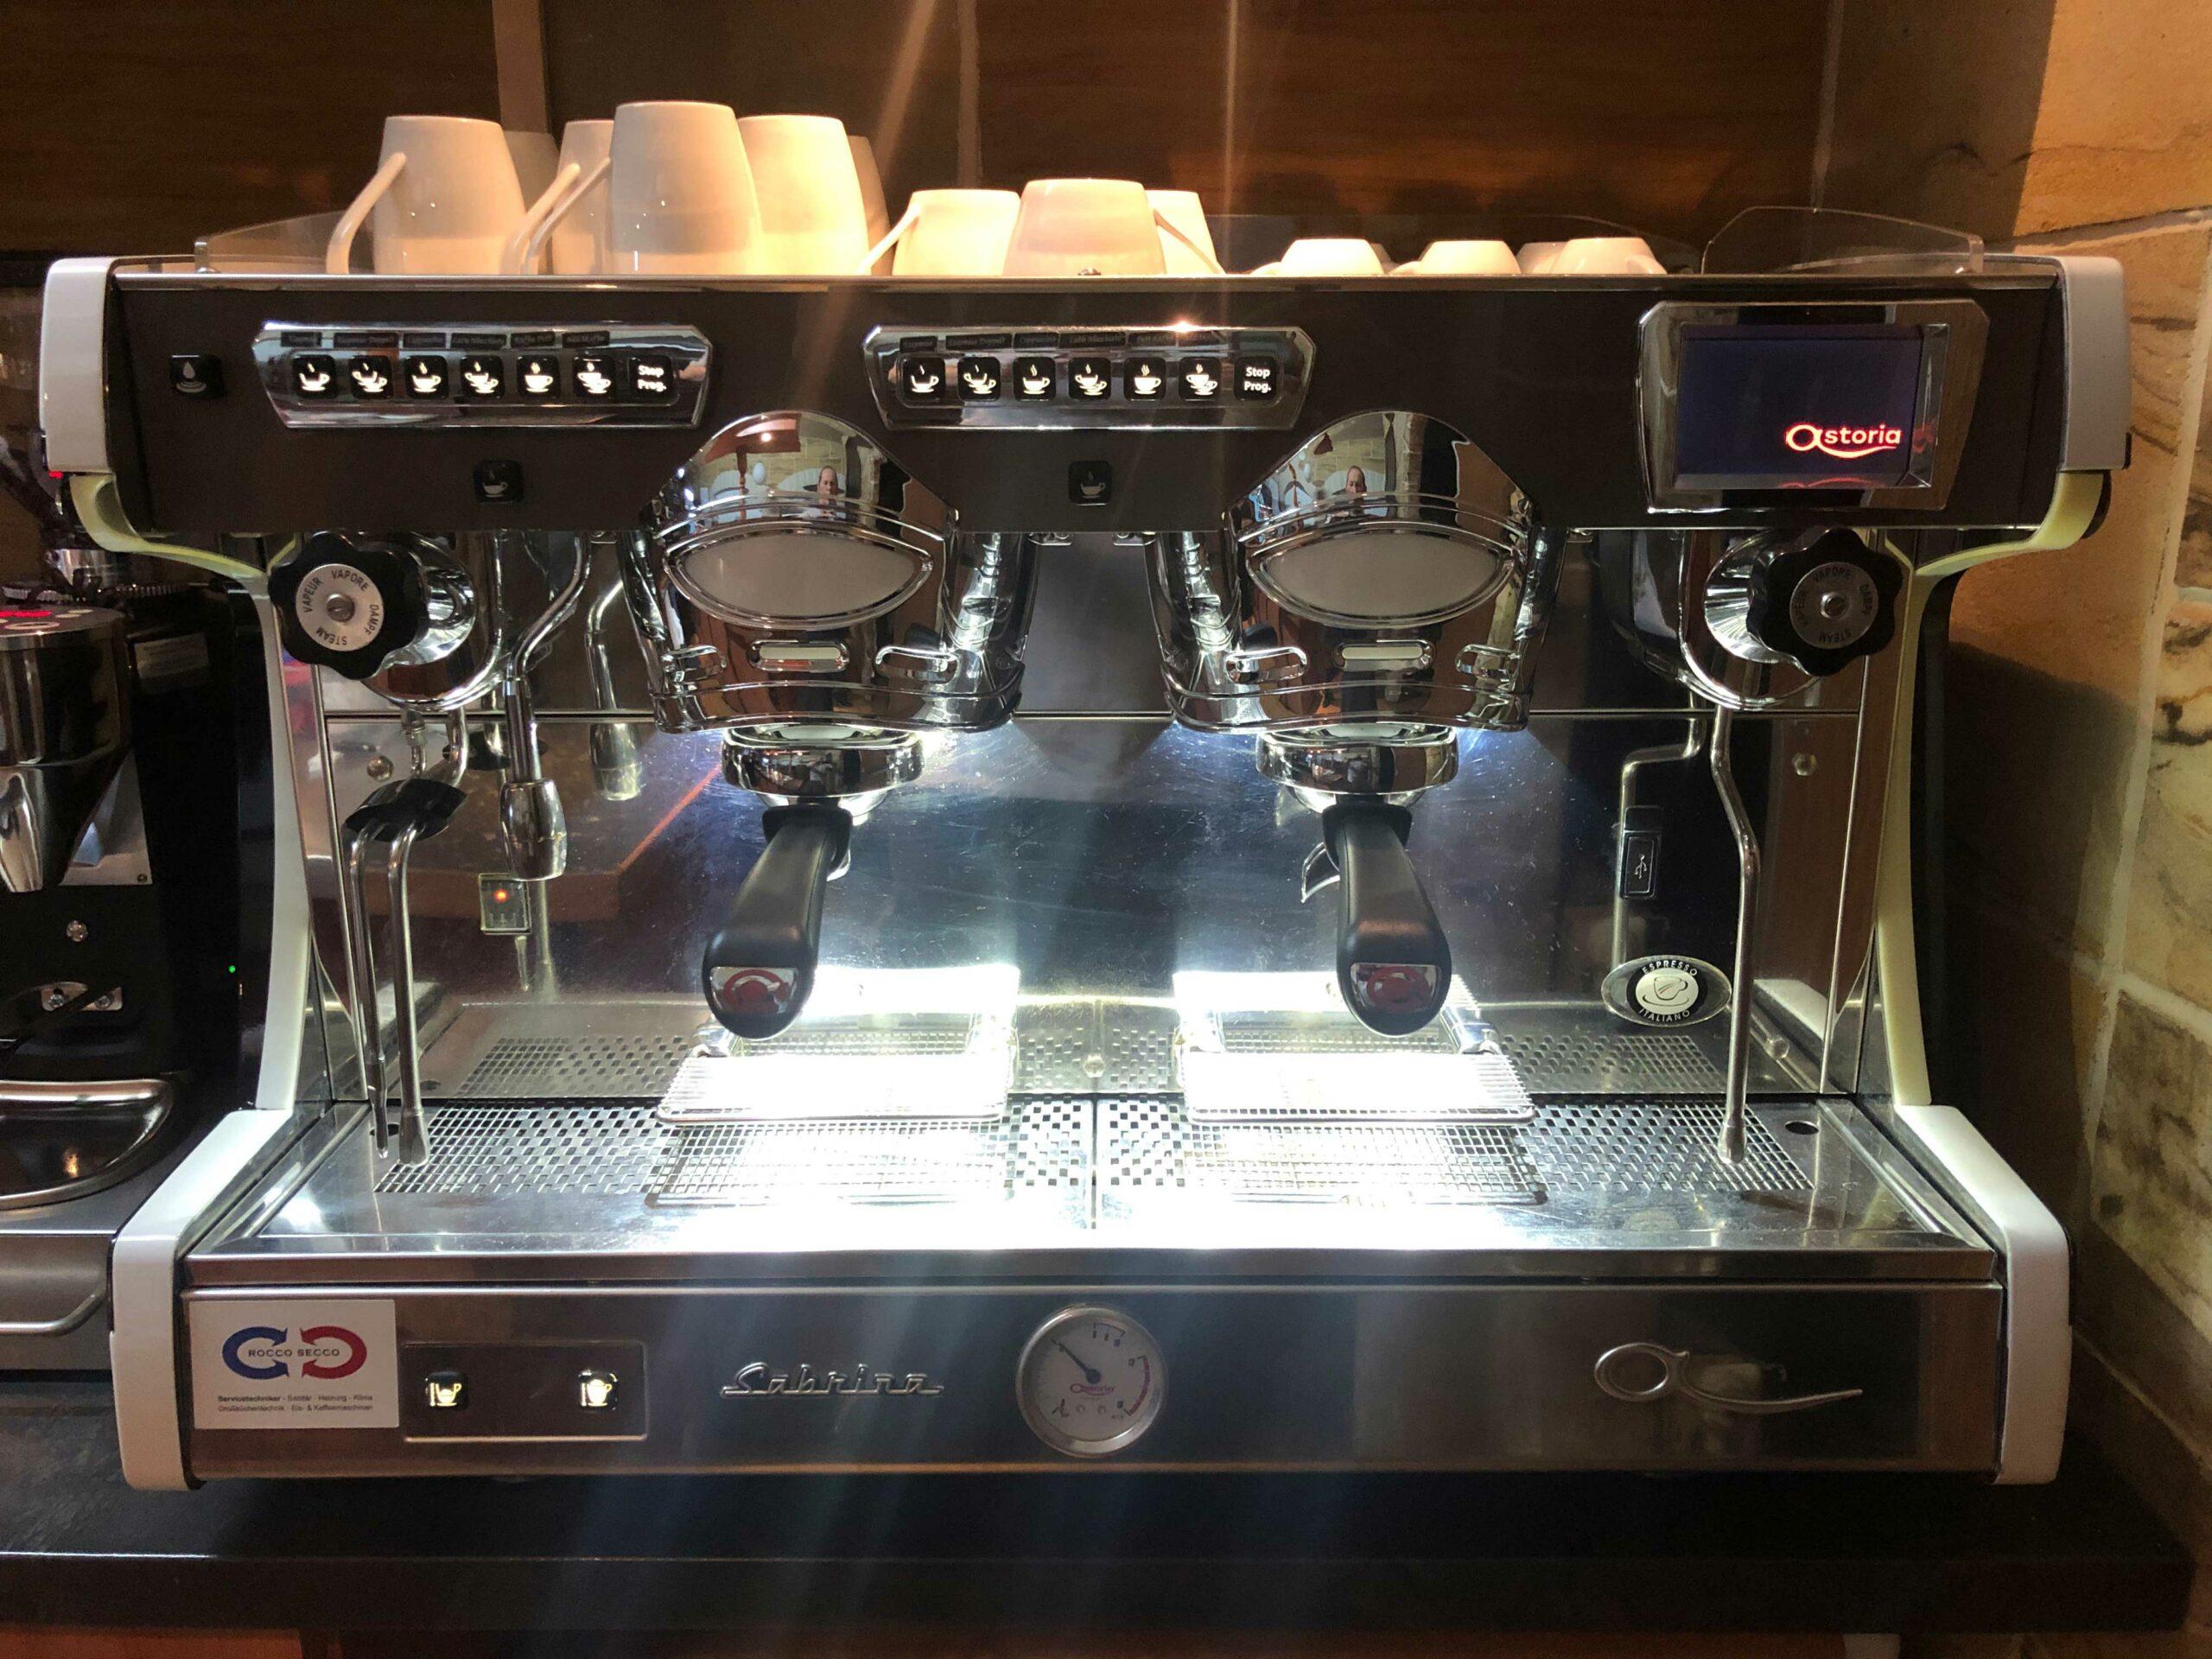 Kaffeemaschinen Göppingen - gebrauchte Kaffeemaschinen Rocco Secco